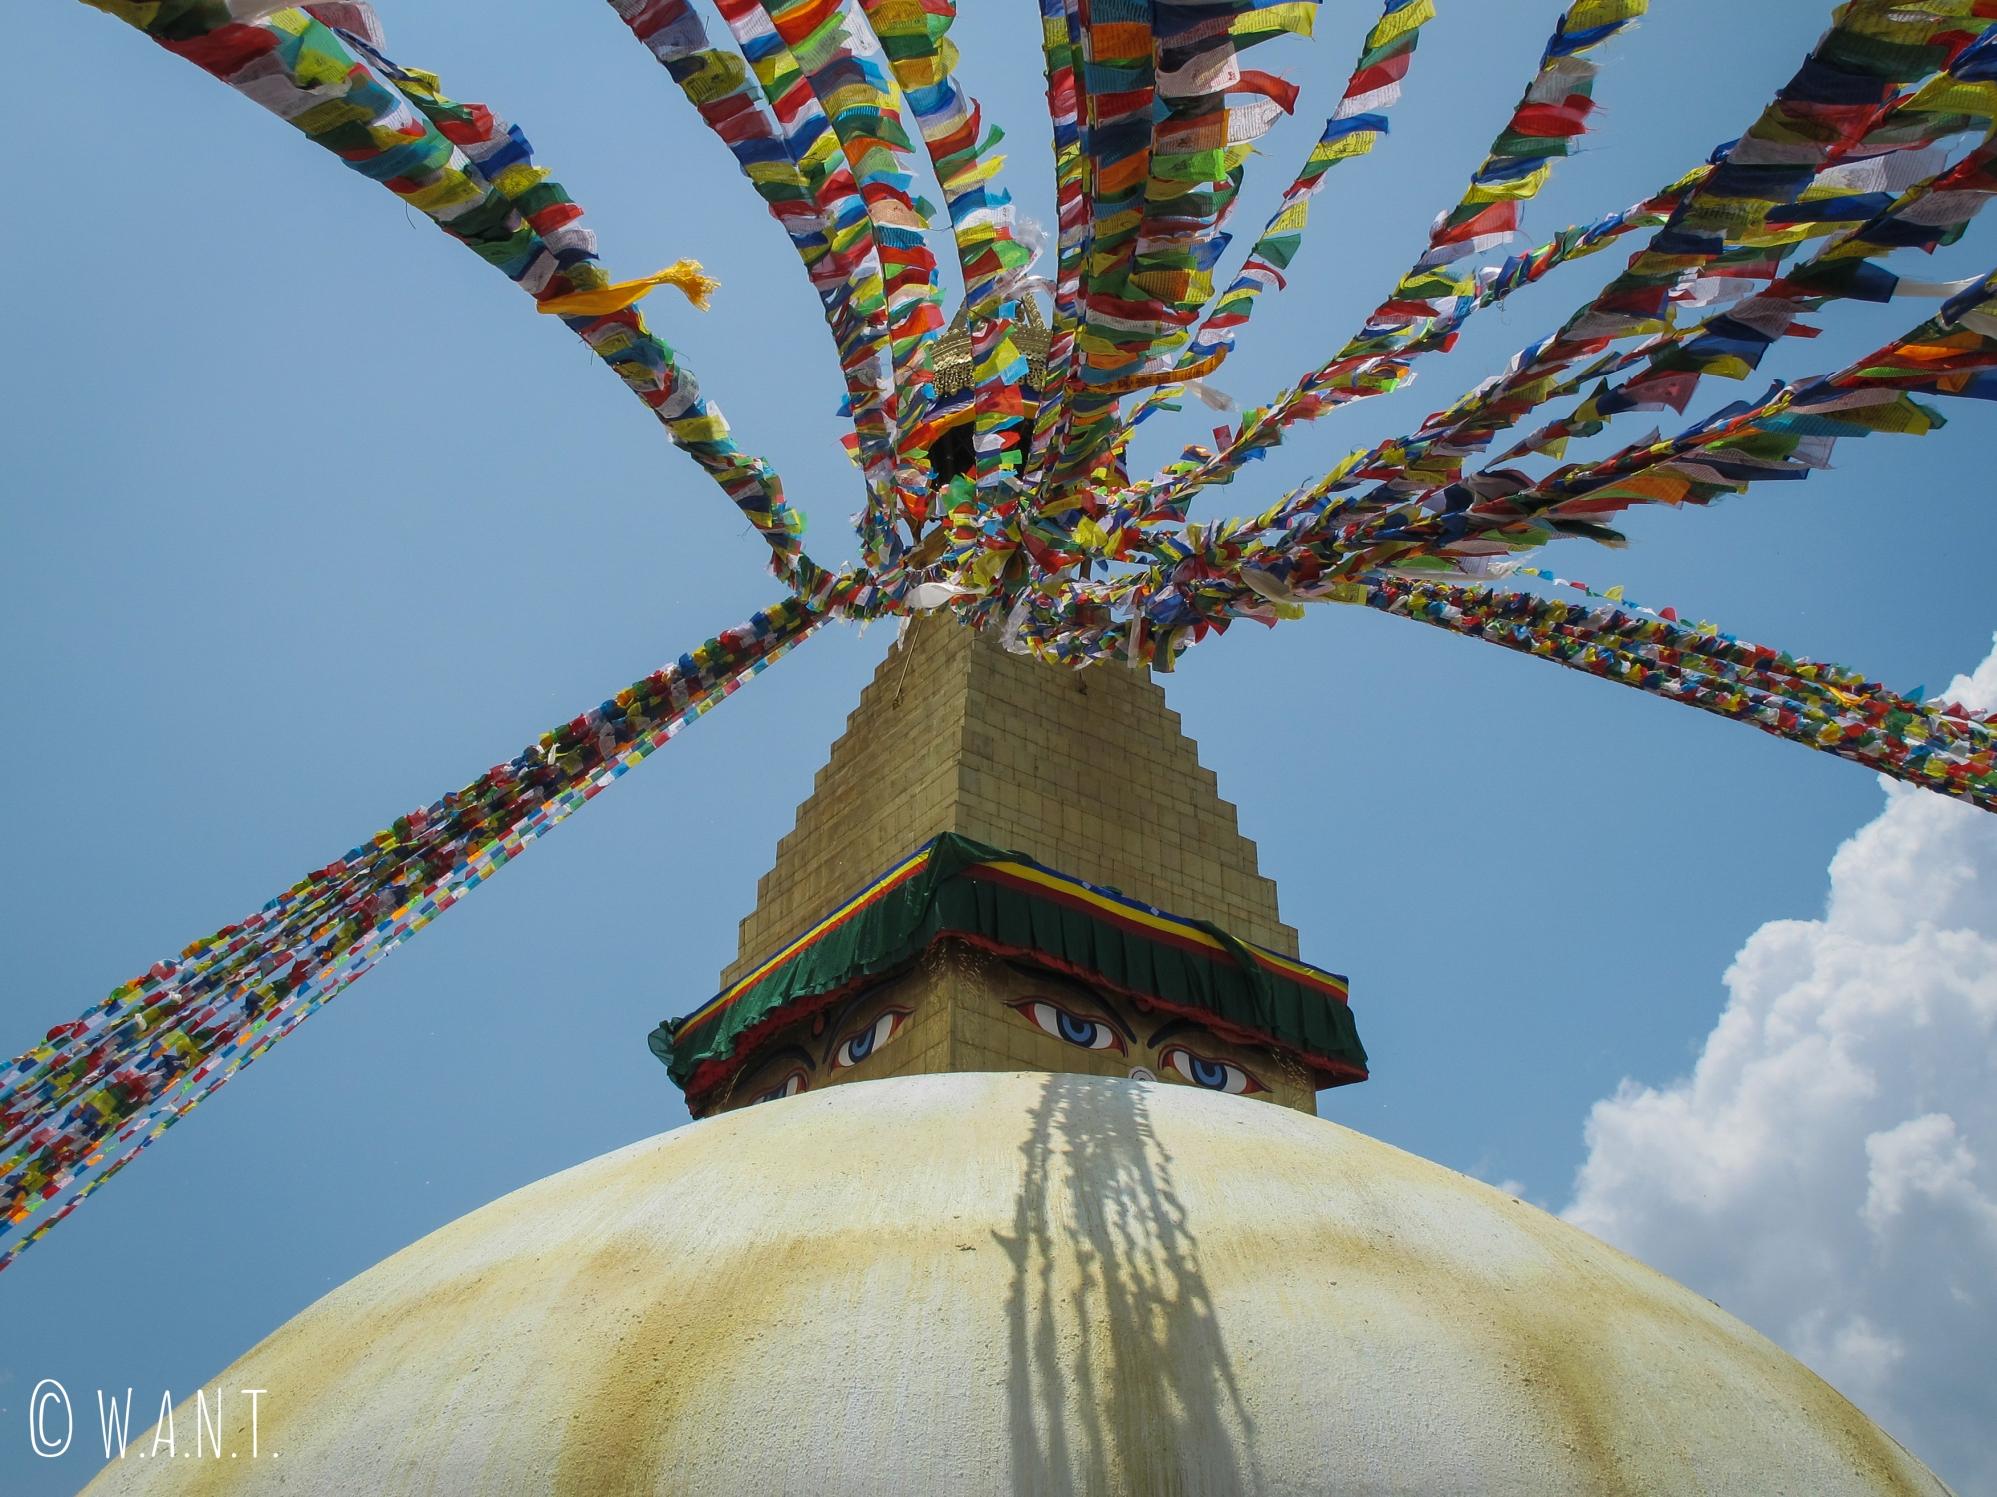 Les loungtas flottent au vent sur le stupa Bodnath